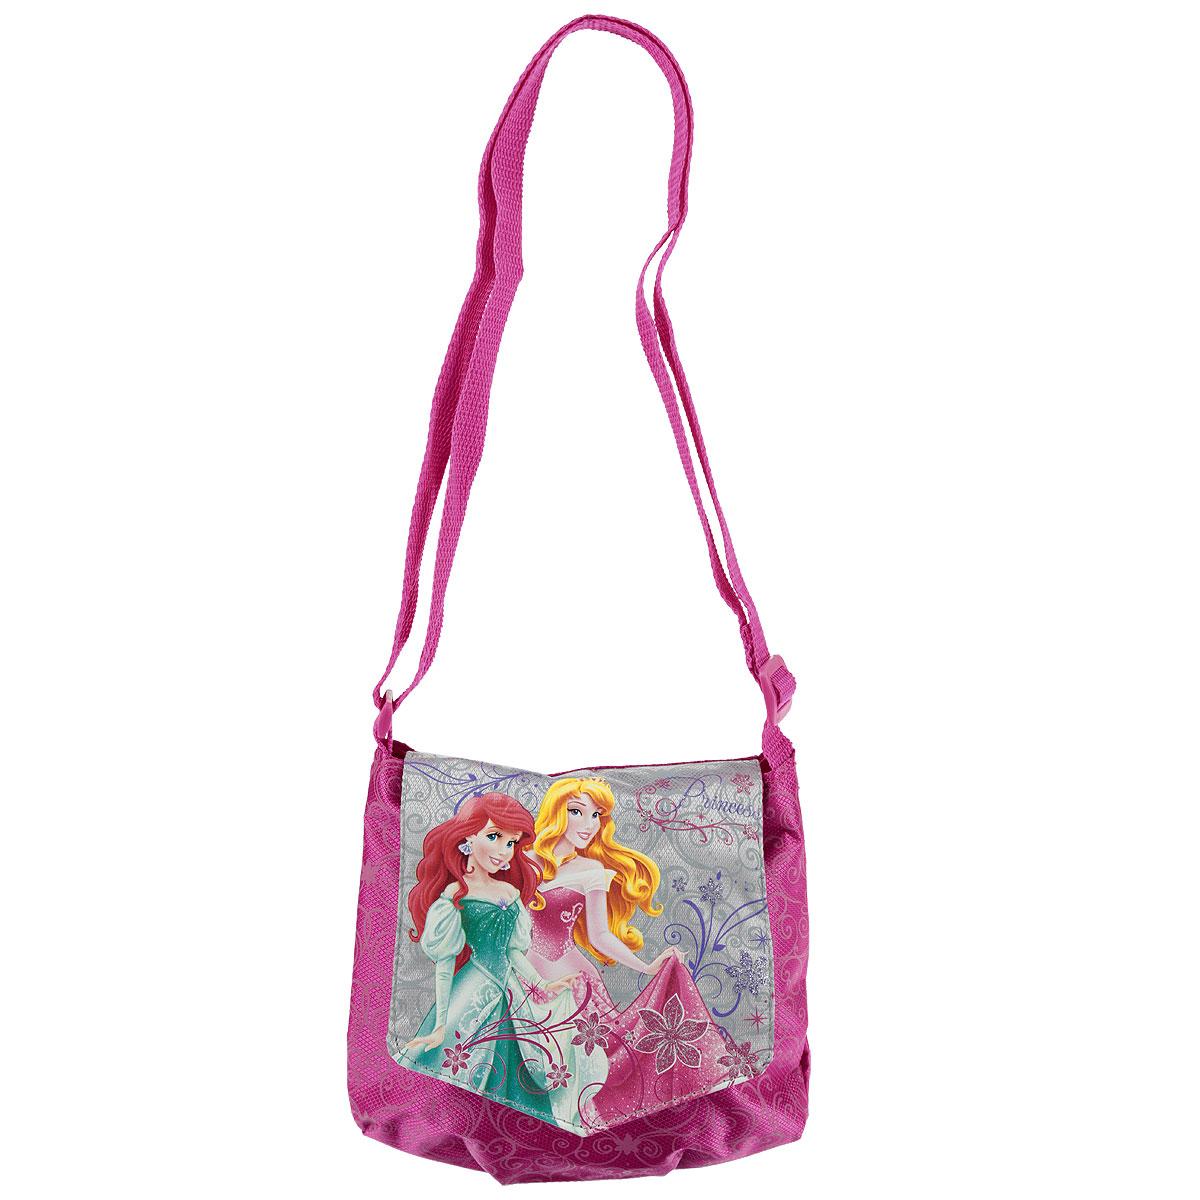 Сумочка детская Princess, цвет: розовый. PRAA-UT1-57012PRAA-UT1-57012Стильная детская сумочка Princess порадует любую модницу и поклонницу мультфильма.Сумочка имеет одно отделение, закрывающееся на перекидной клапан на липучке с изображением принцесс. Лицевая сторона сумочки оформлена притнтолм-узором. Сумочка оснащена регулируемым по длине ремнем для переноски, благодаря чему подойдет детям любого роста. Каждая юная поклонница популярной серии игрушек, будет рада такому аксессуару.Предназначено для детей 7-10 лет.